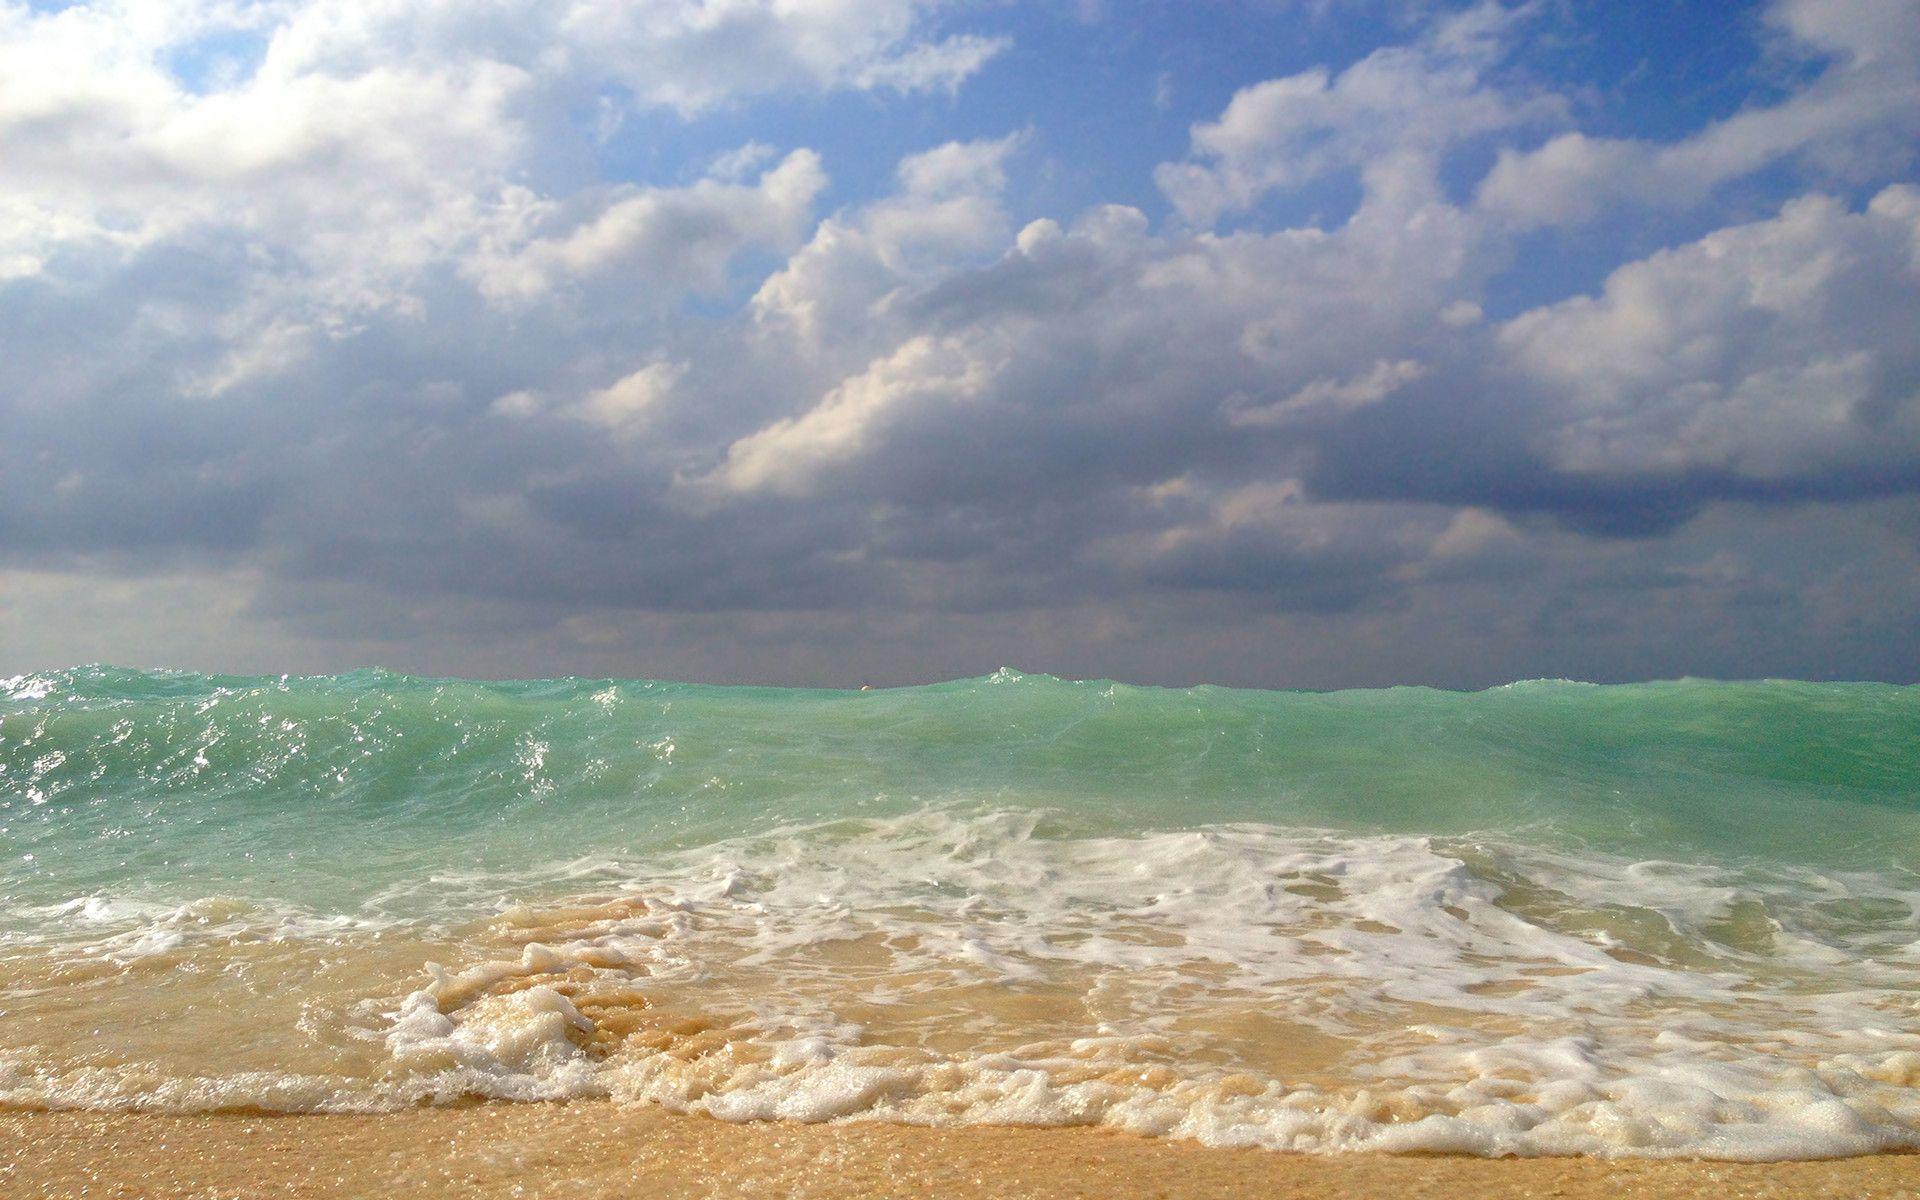 Beach Waves Wallpapers For Desktop Beach Waves: Ocean Beach Wallpapers